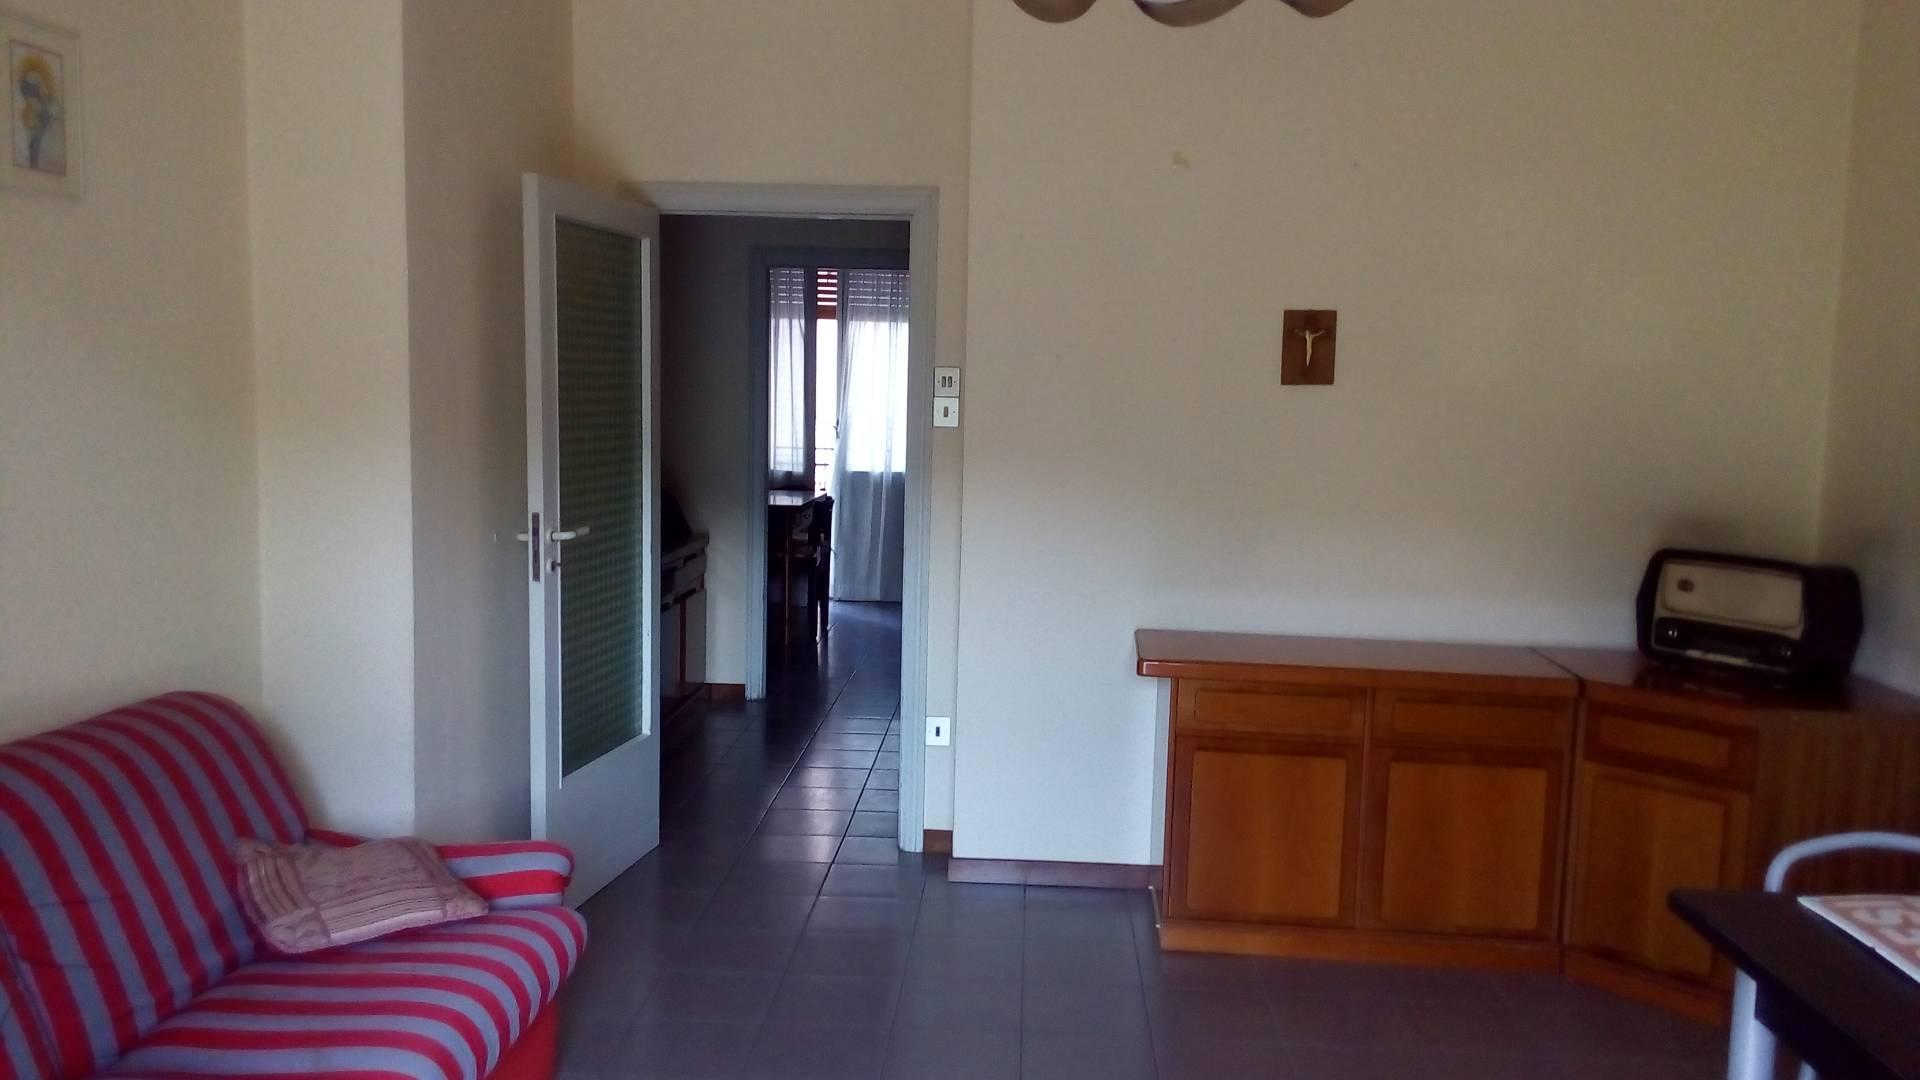 Appartamento in vendita a Ascoli Piceno, 5 locali, zona Località: P.taRomana, prezzo € 120.000 | Cambio Casa.it